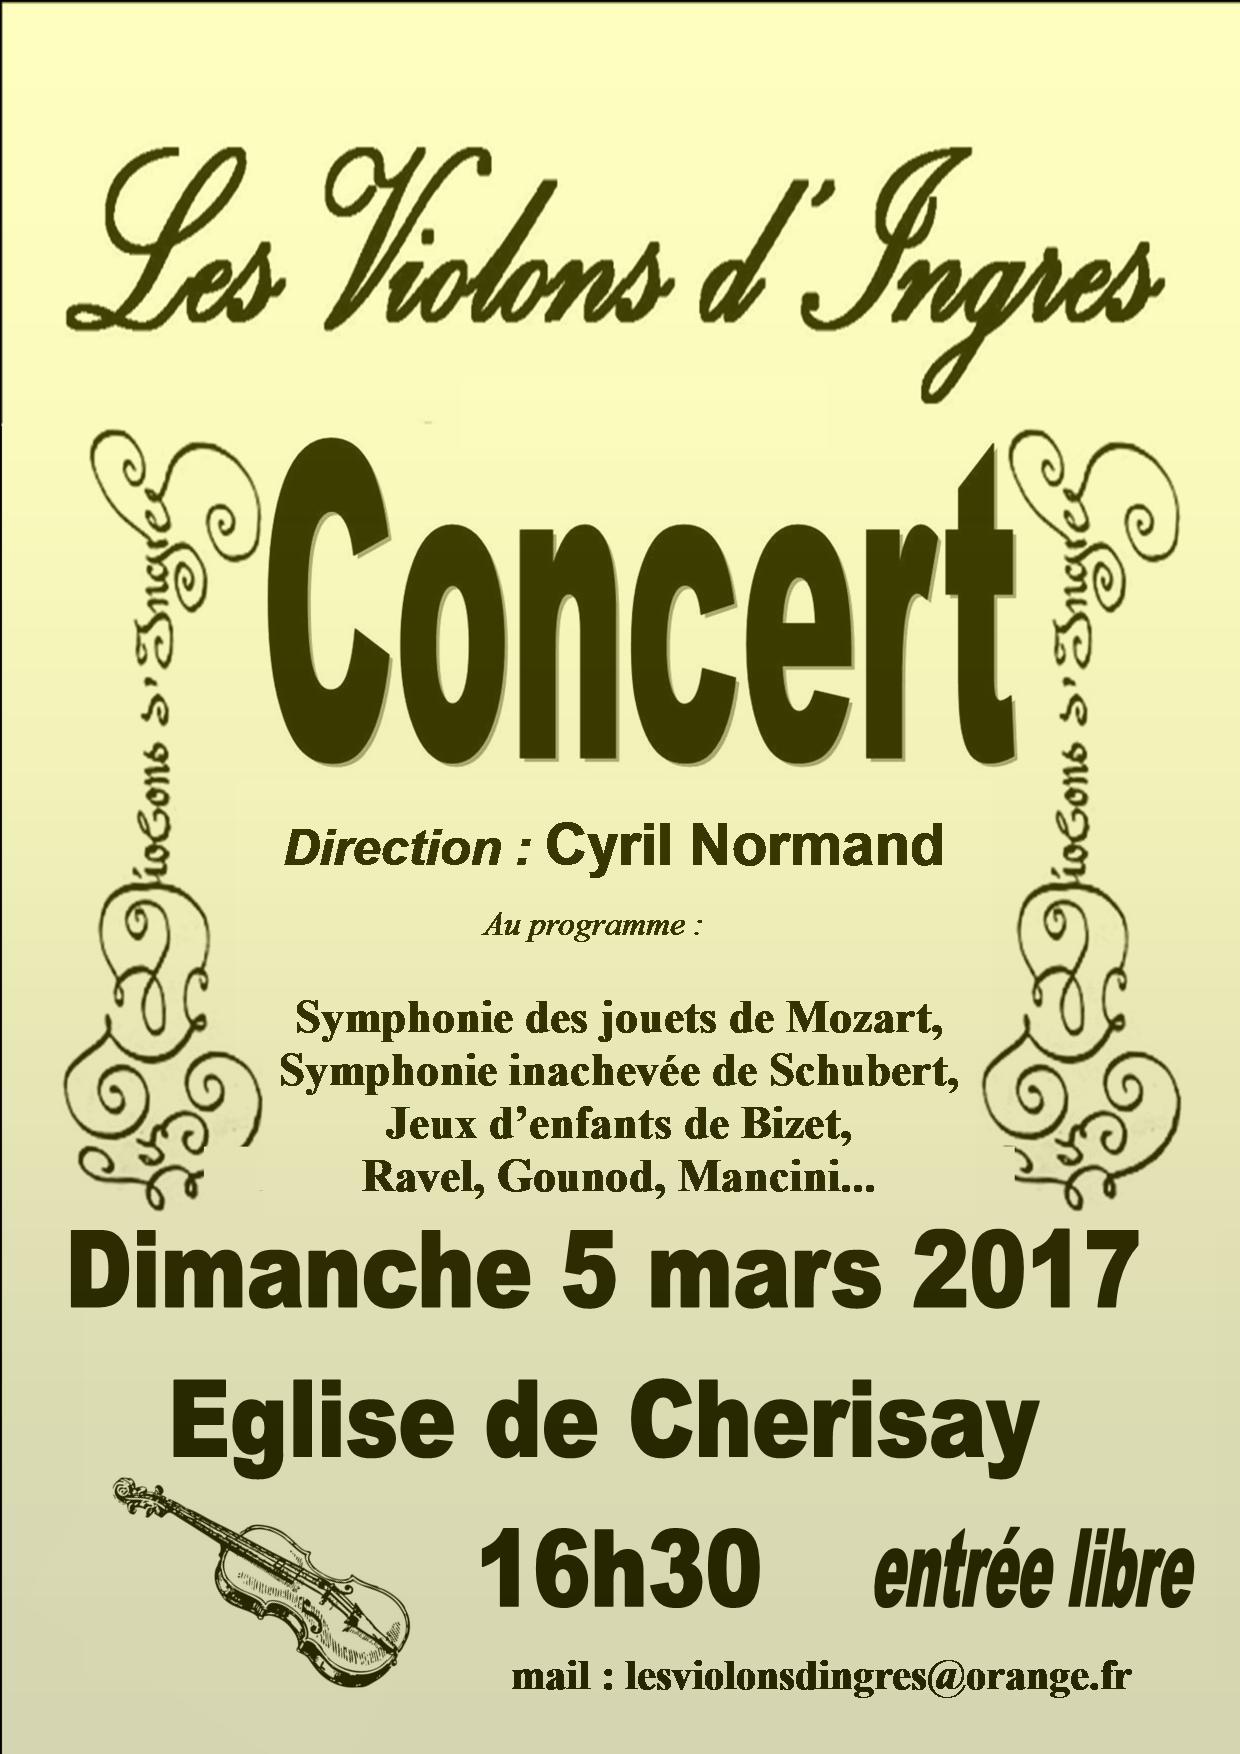 Concert des Violons d'Ingres